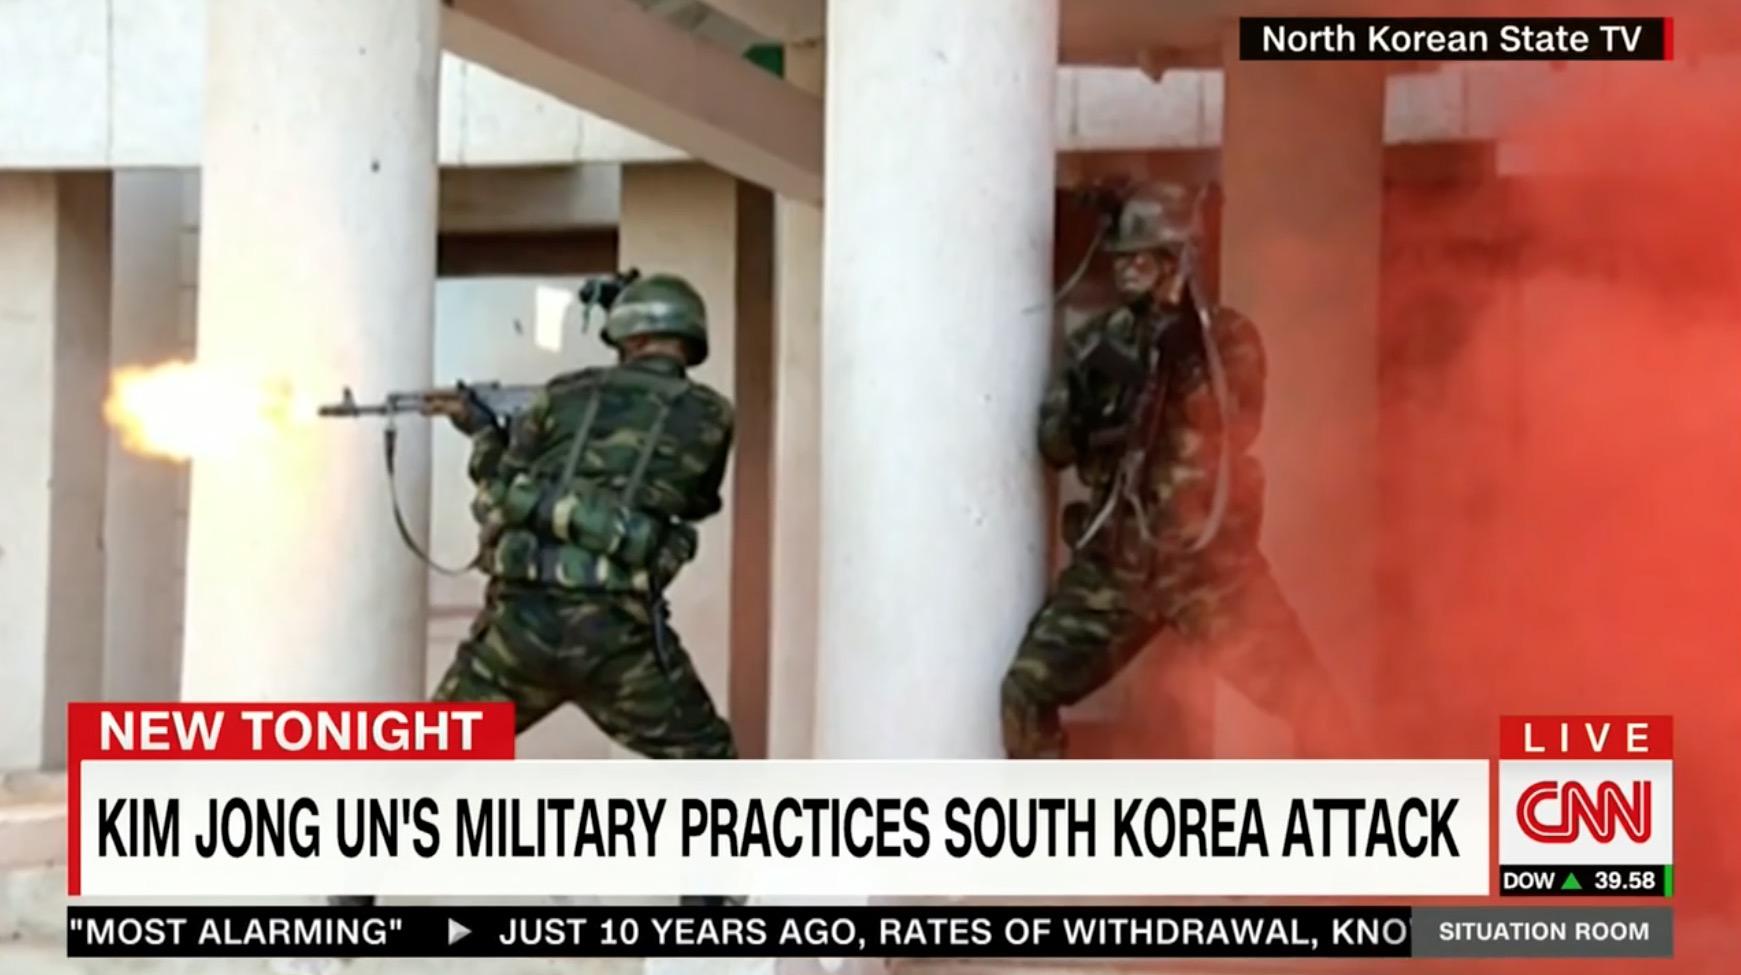 قوات كوريا الشمالية تنفذ هجوما وهميا على